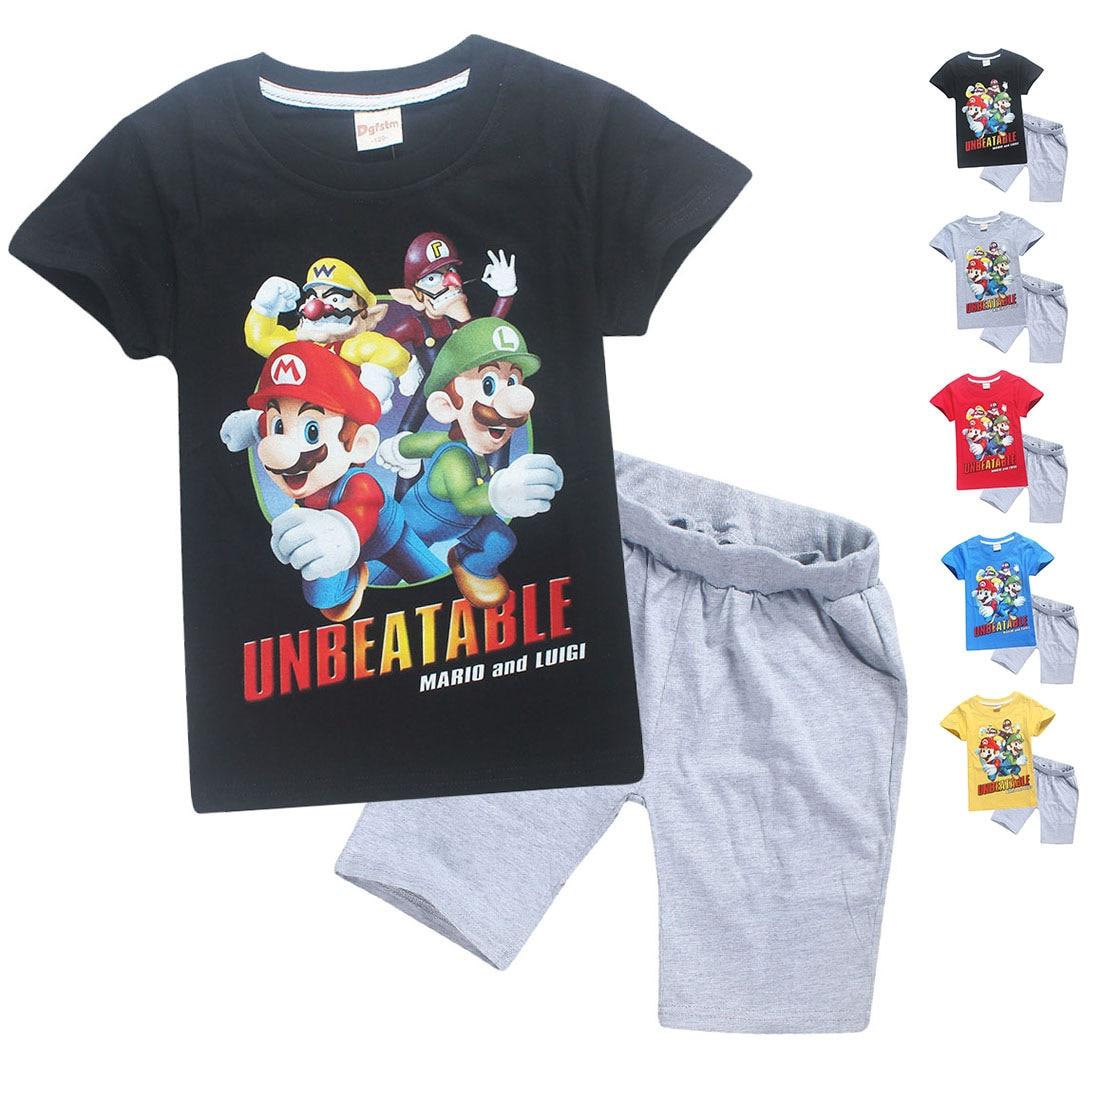 2018 новый летний Обувь для девочек мальчиков футболка S Супер Марио детские дети Футболки одежда хлопковая футболка с короткими рукавами для...